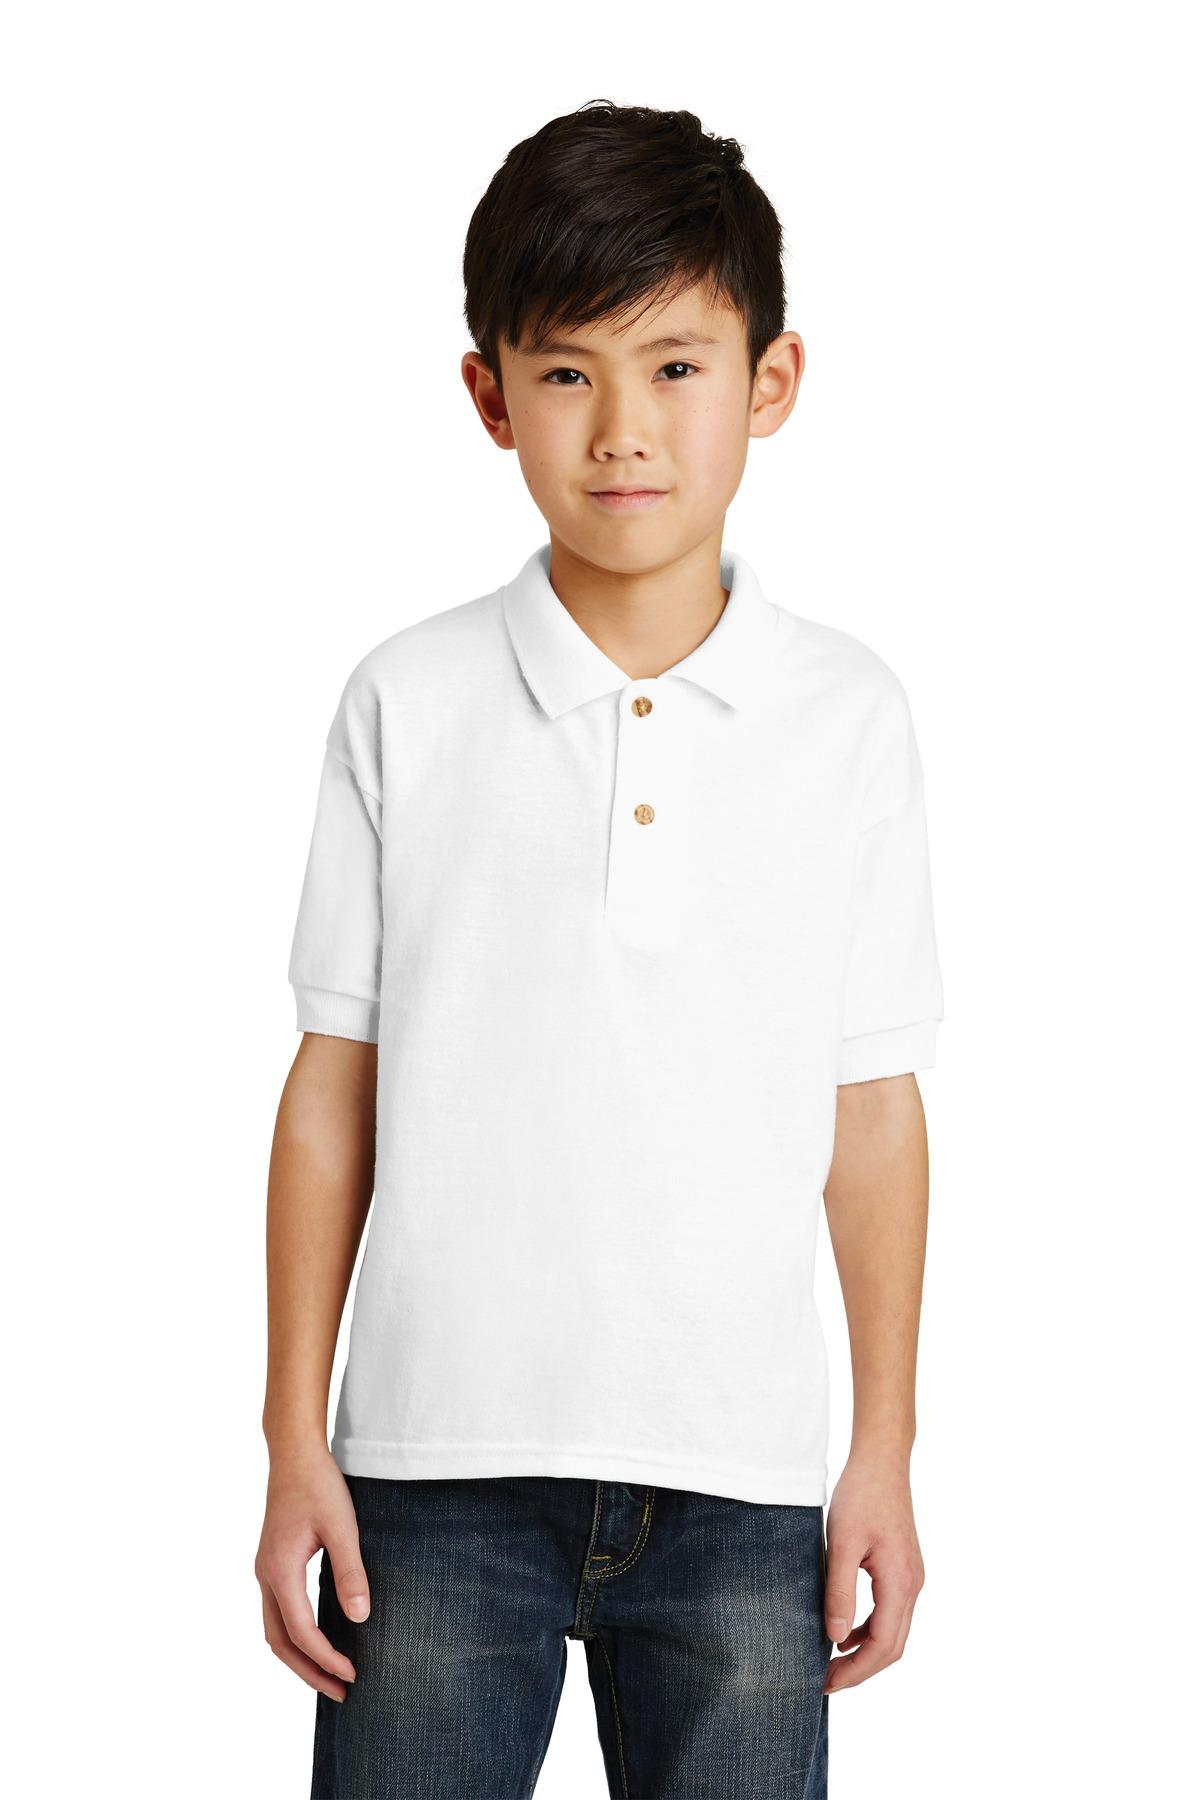 a09c415a217 Gildan ® Youth DryBlend ® 6-Ounce Jersey Knit Sport Shirt. 8800B